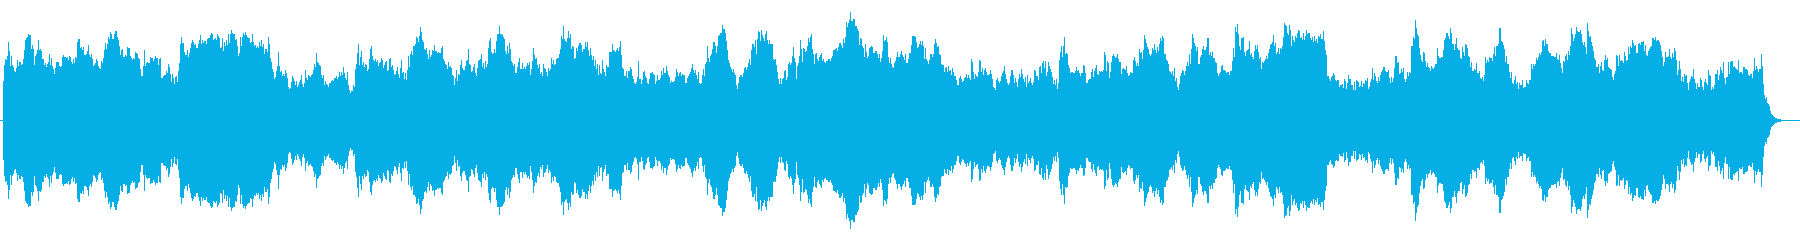 近未来系シンセサイザーサウンドの再生済みの波形